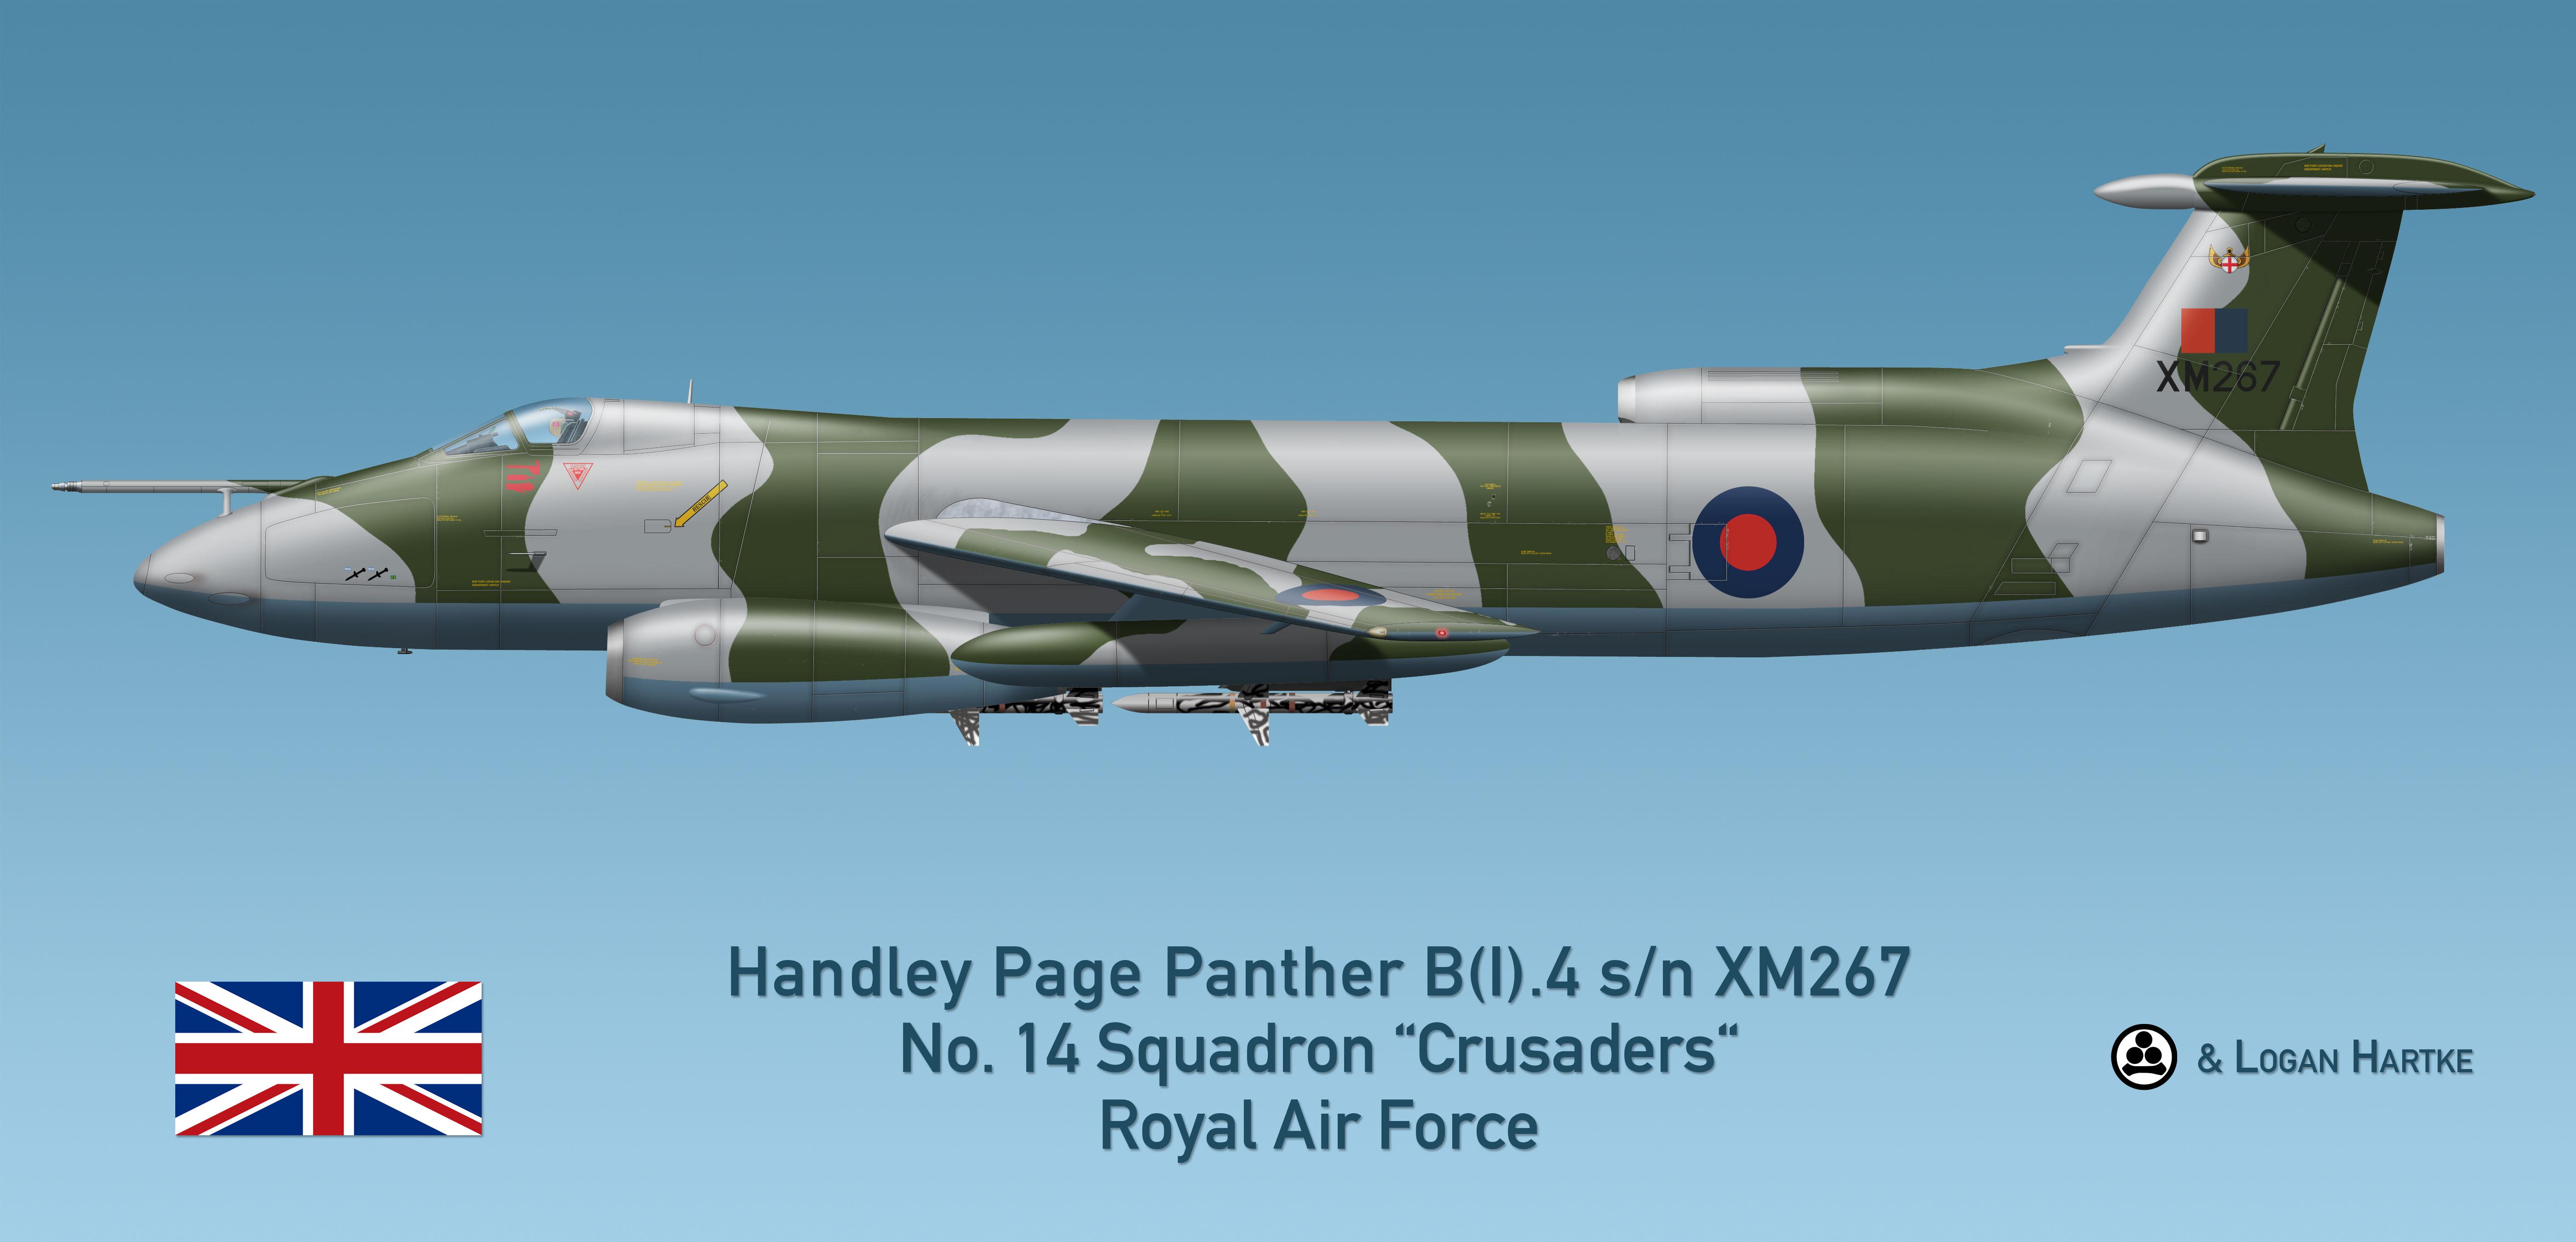 RAF Handley Page Panther B(I).4 - Falklands 1982